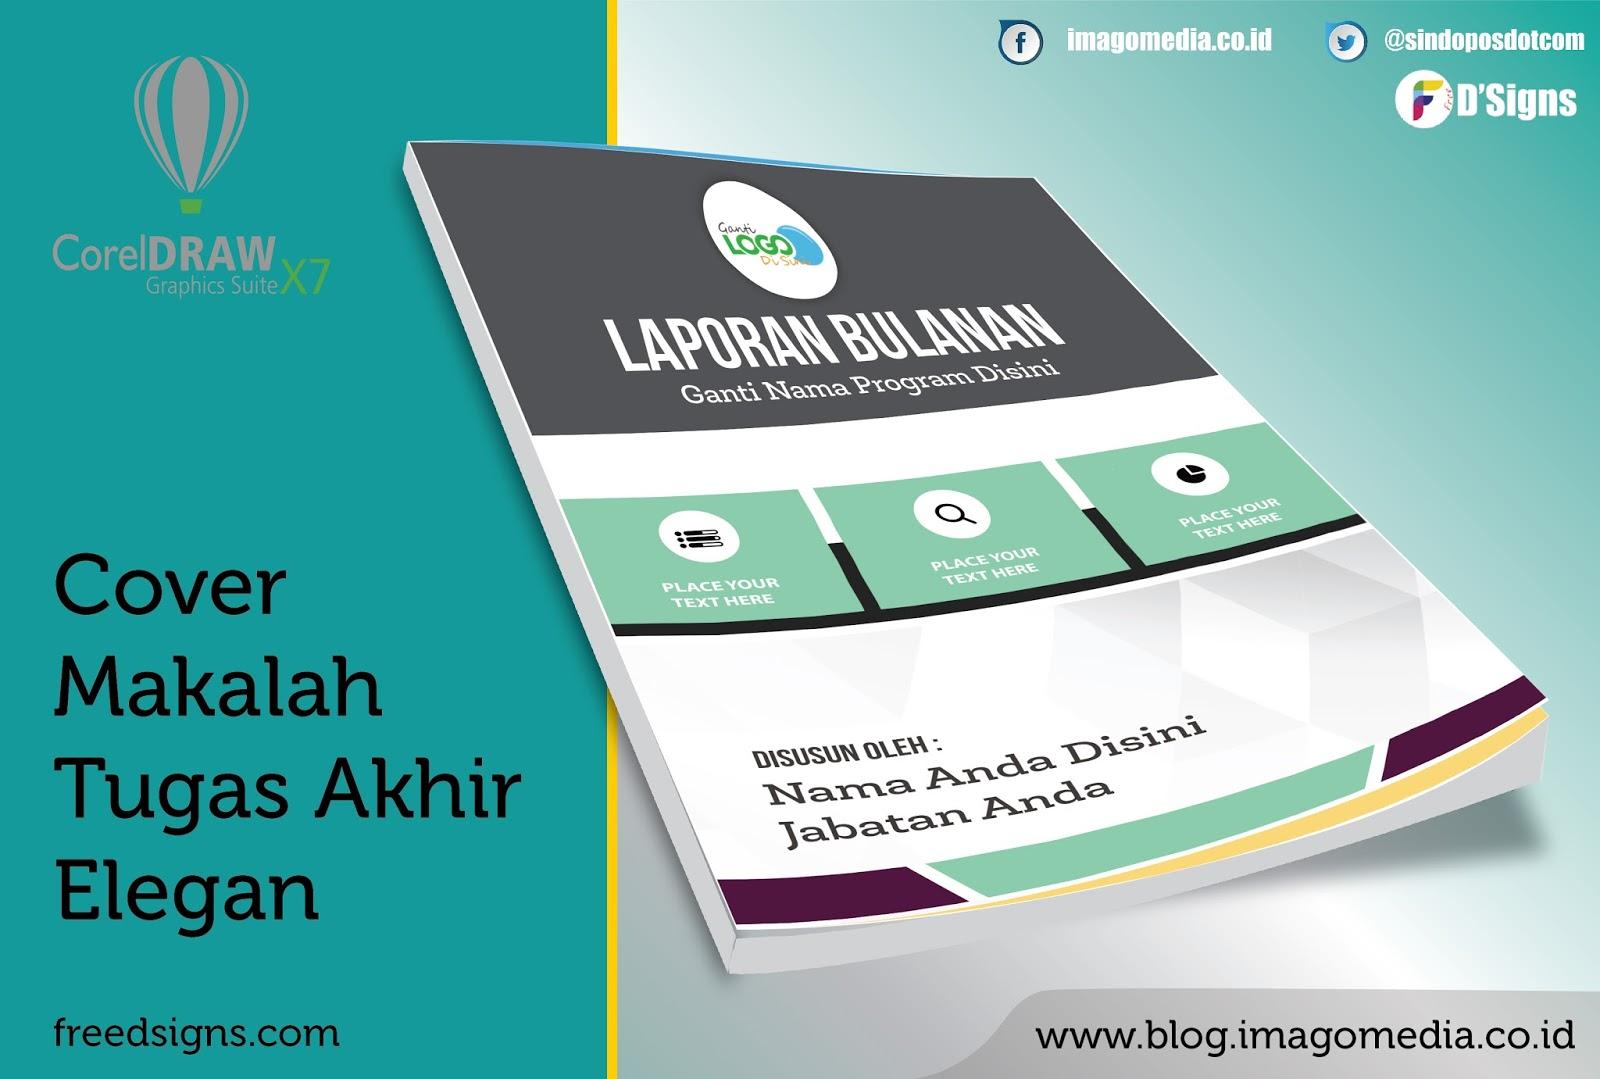 download_Cover_Makalah_Tugas_akhir_elegan_Terbaru